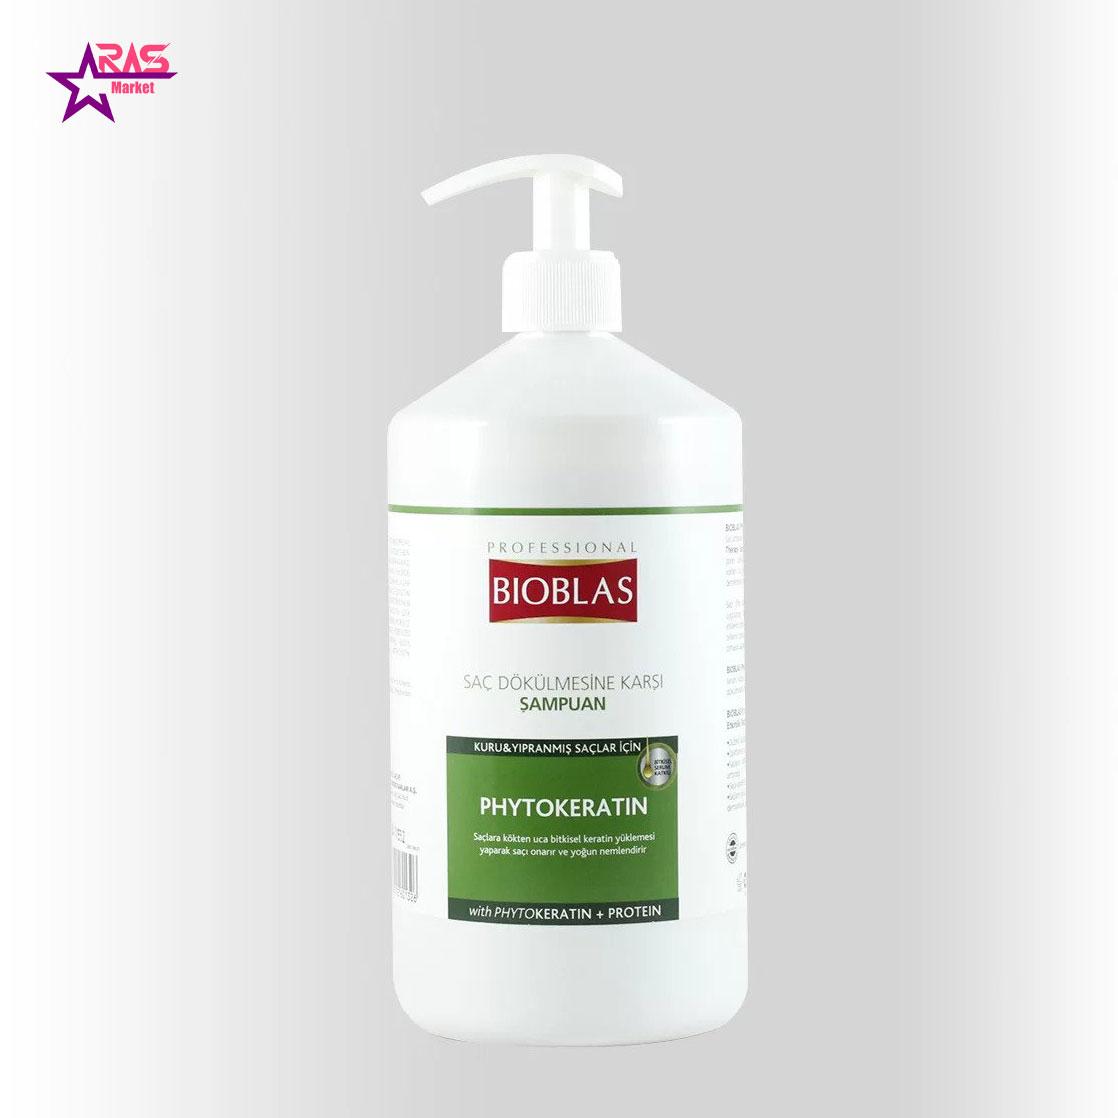 شامپو بیوبلاس مدل Phytokeratin ضد ریزش مو 1000 میلی لیتر ، فروشگاه اینترنتی ارس مارکت ، استحمام ، شامپو مو